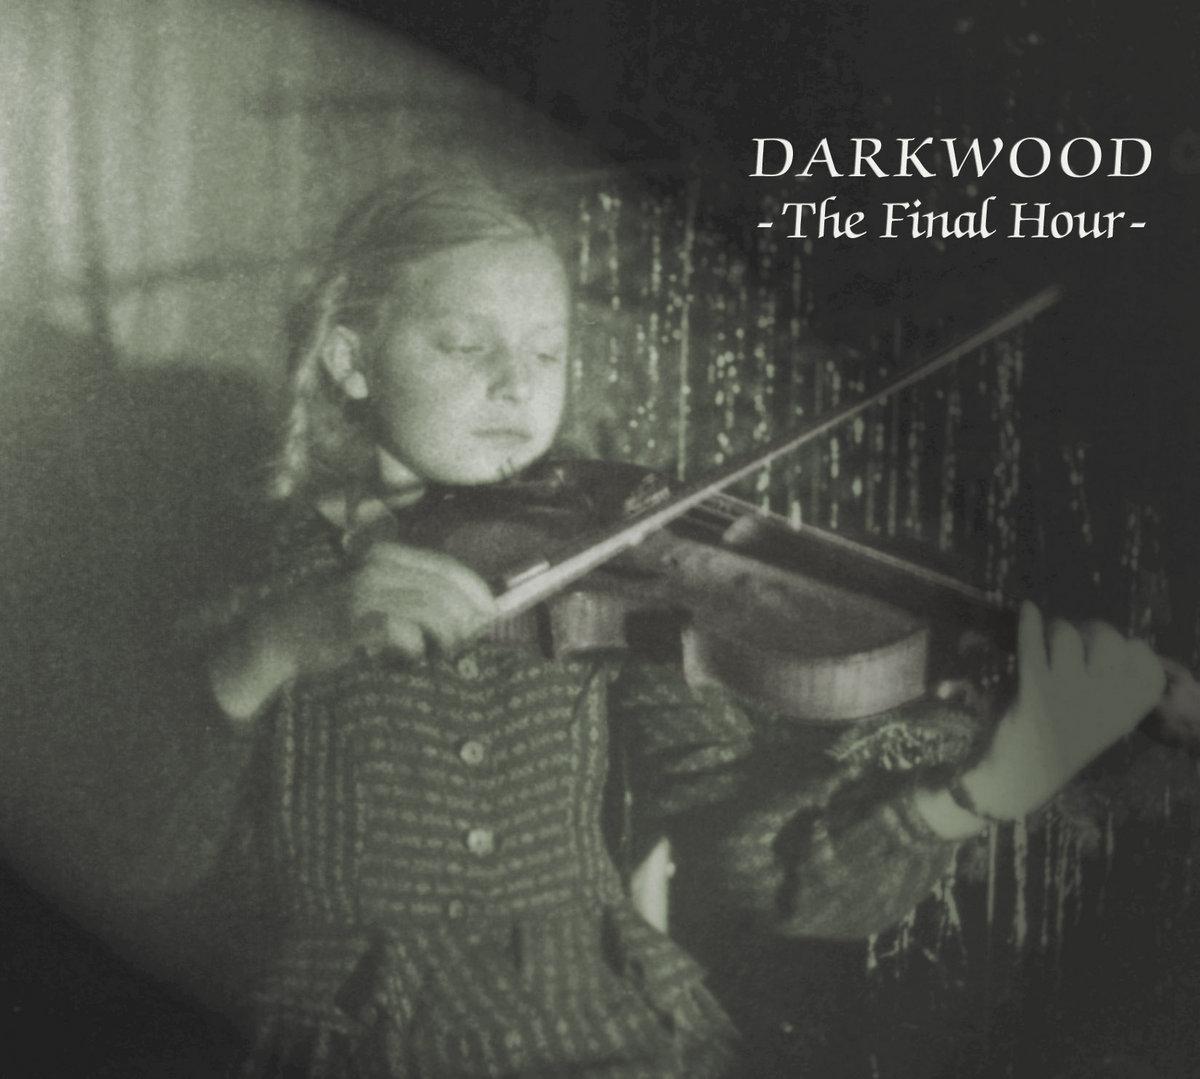 by darkwood